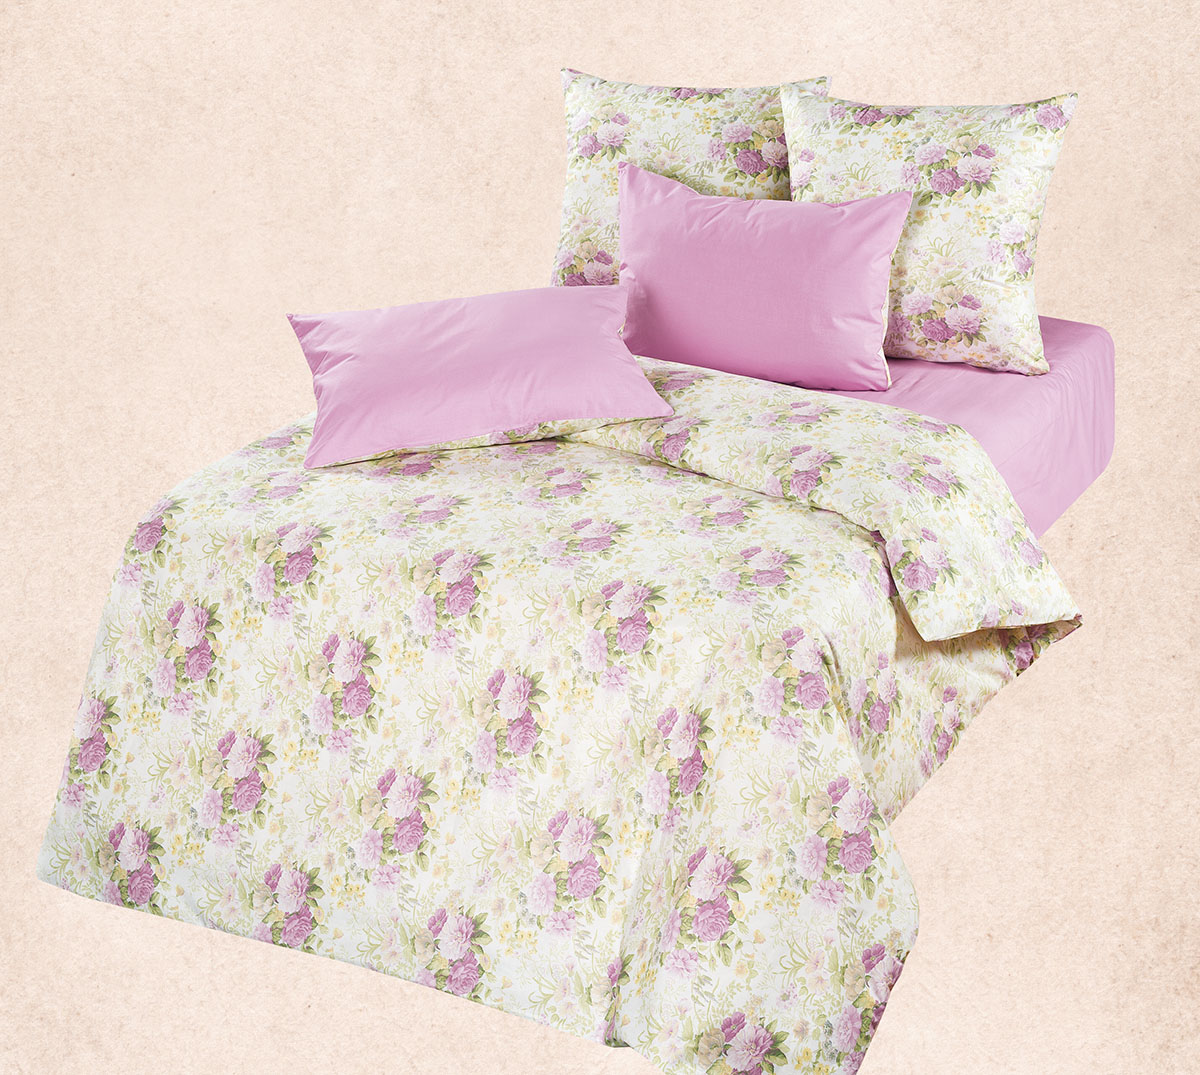 Комплект  Лилу , размер Семейный - Постельное белье артикул: 9062